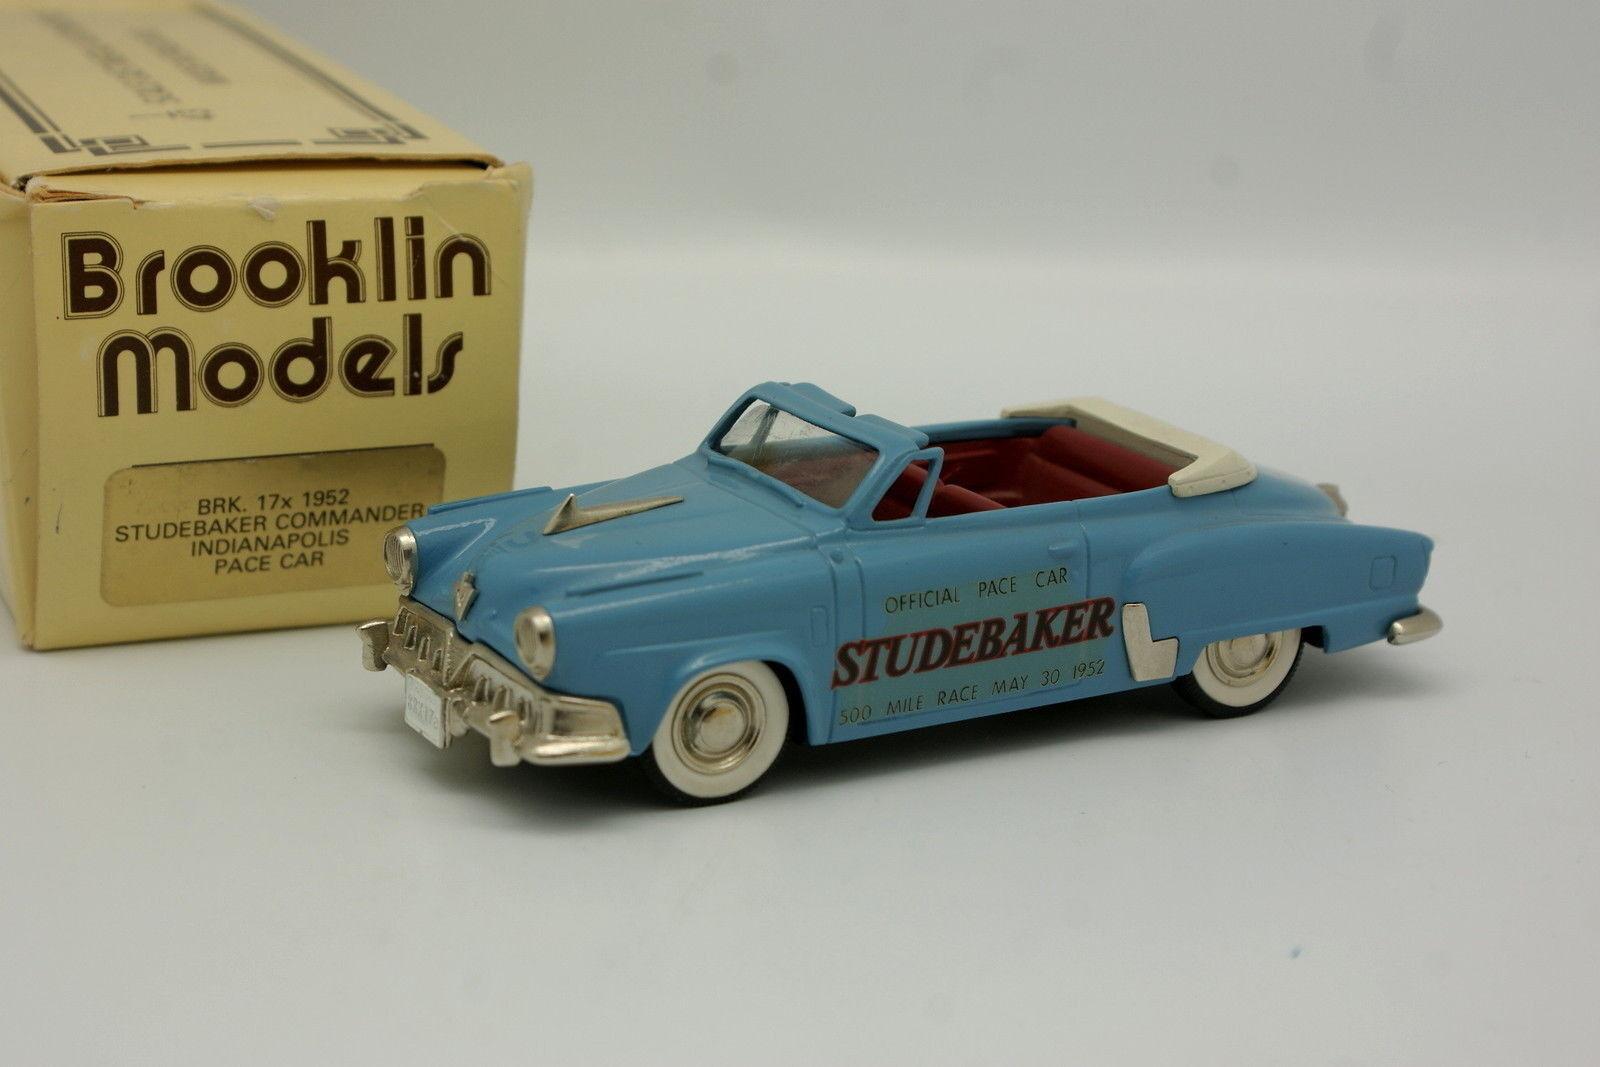 Brooklin  1 43 - Studebaker Comhommeder Indianapolis Pace voiture  profitez d'une réduction de 30 à 50%